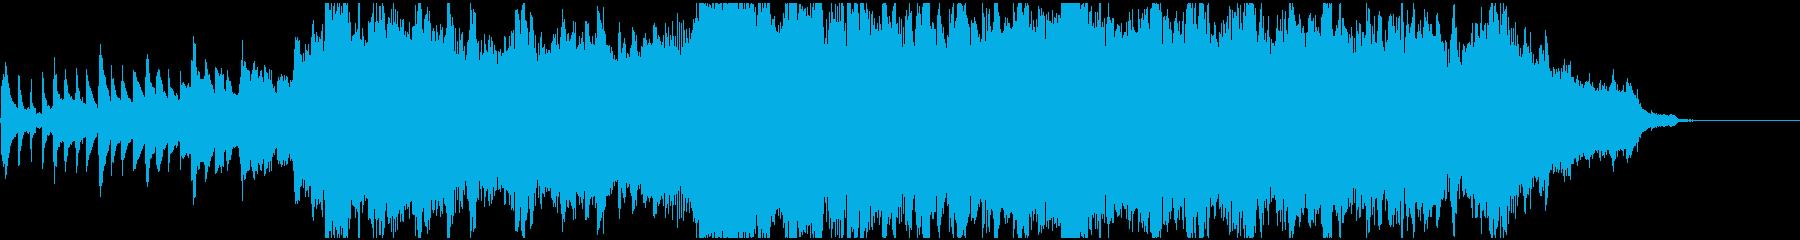 ピアノとオーケストラの感動的オープニングの再生済みの波形